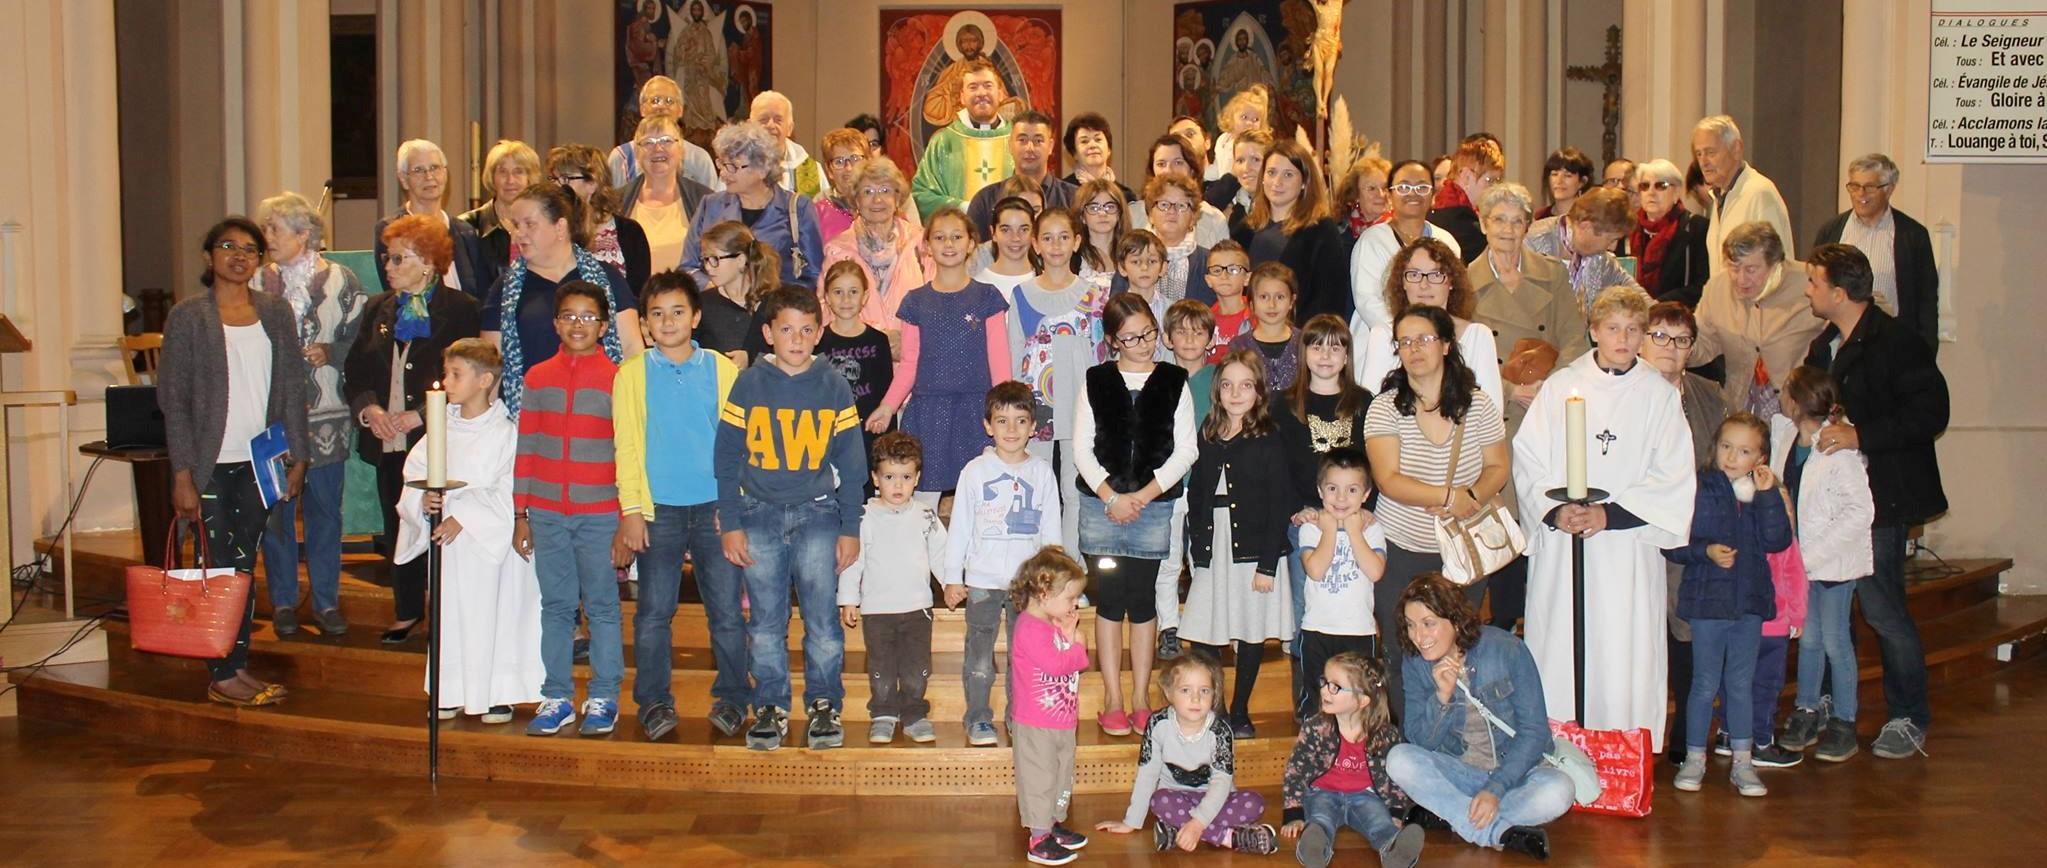 Groupe de paroissiens de Saint-privat